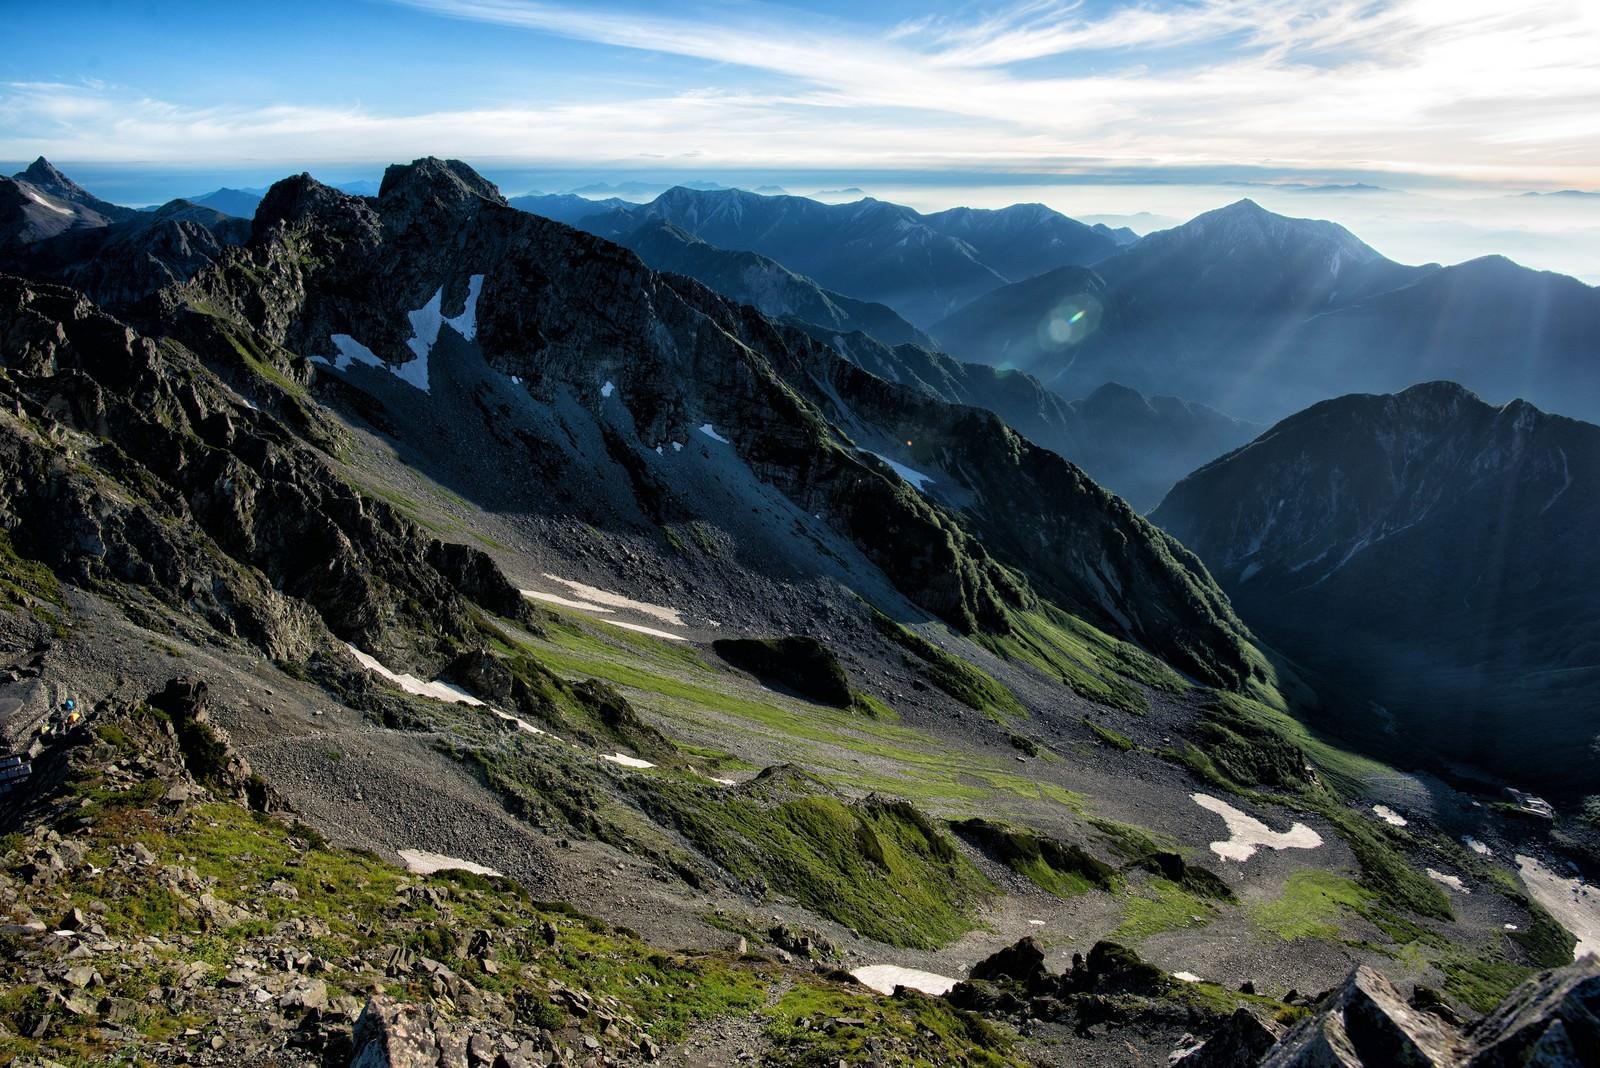 「奥穂高岳の山頂から望む涸沢カール」の写真